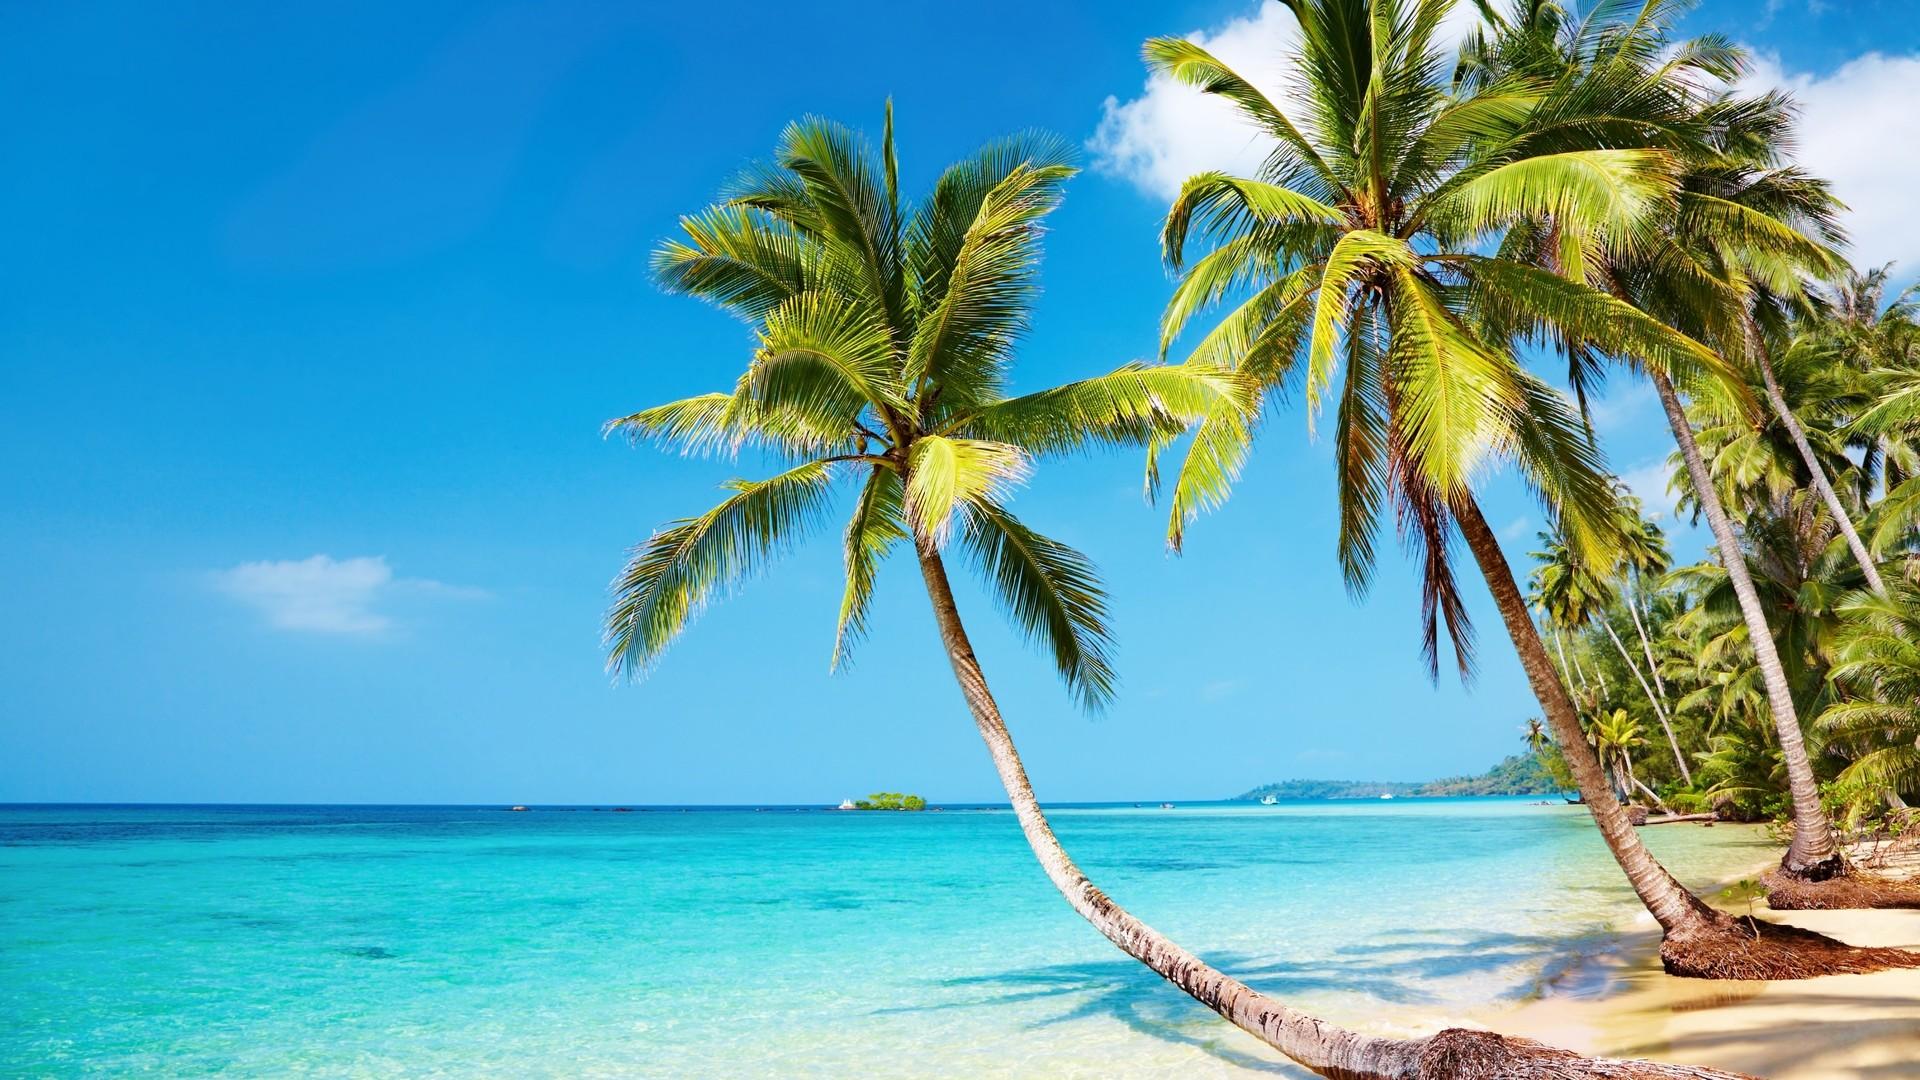 Tropical Beach HD Wallpaper | WallpaperSafari